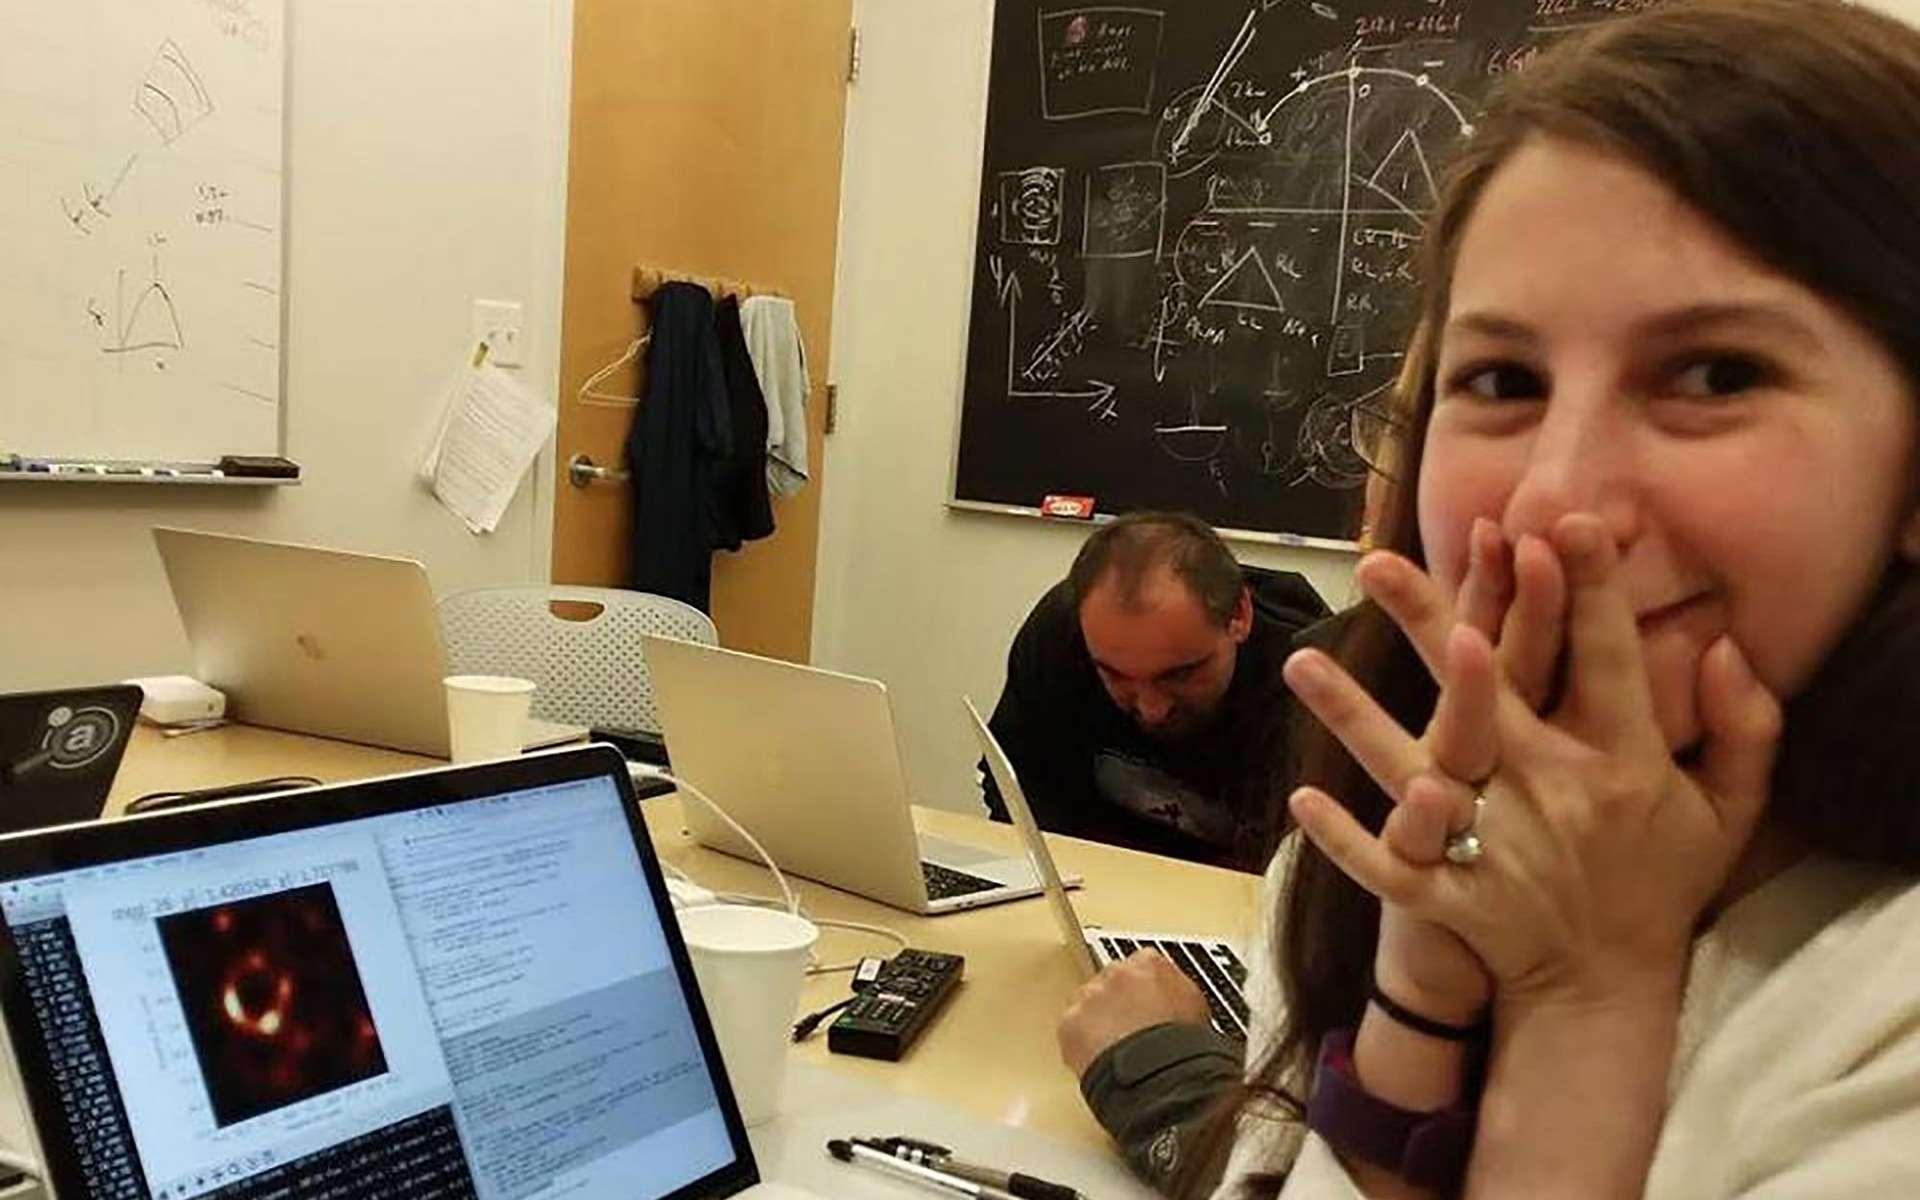 Katie Bouman au moment où elle découvrit la première image d'un trou noir supermassif. Photo qu'elle a publié sur son compte Facebook le 10 avril, jour de l'annonce historique. © Katie Bouman, Facebook